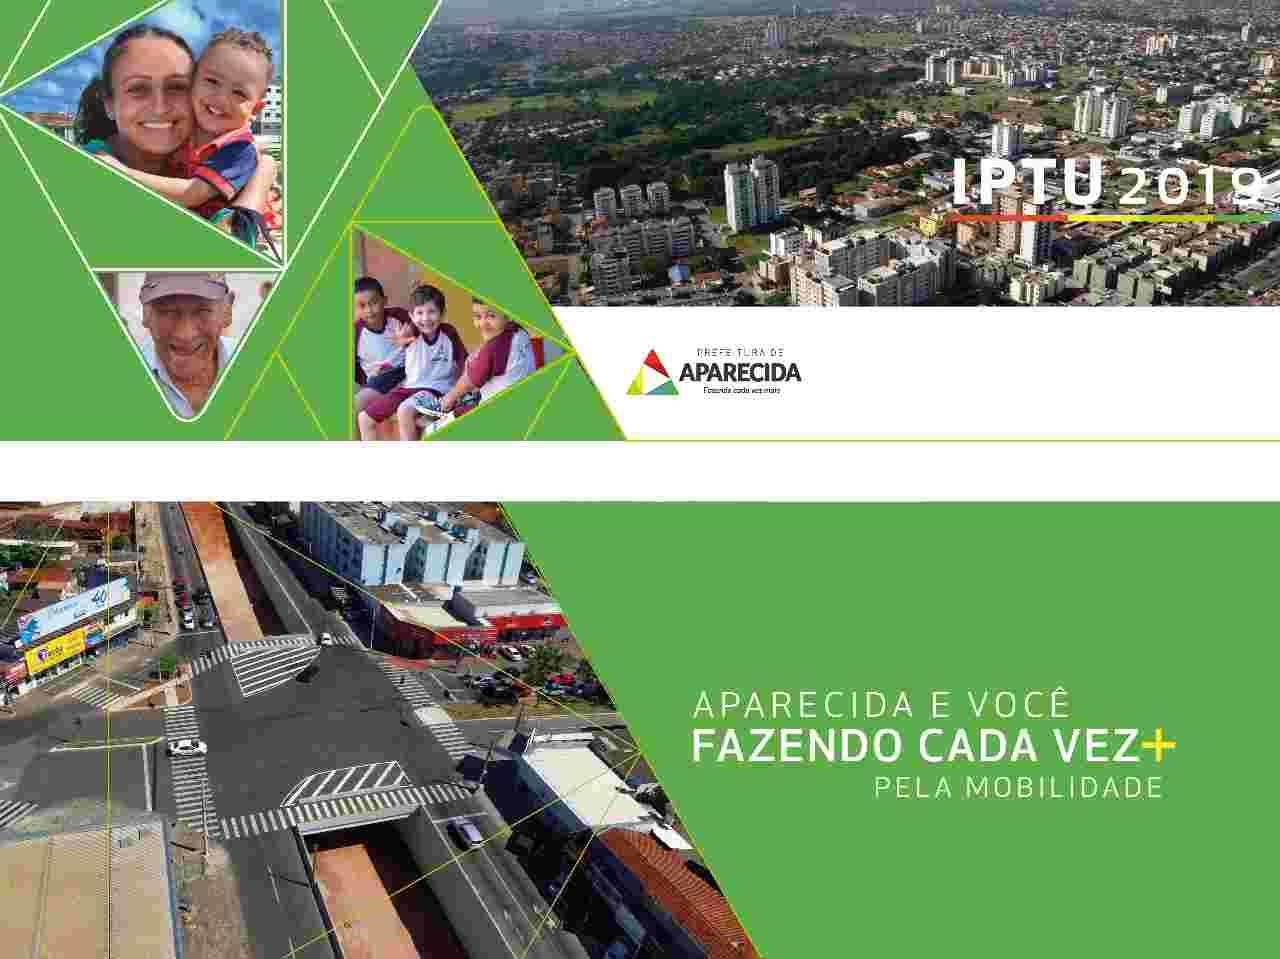 IPTU ITU 2019 Aparecida